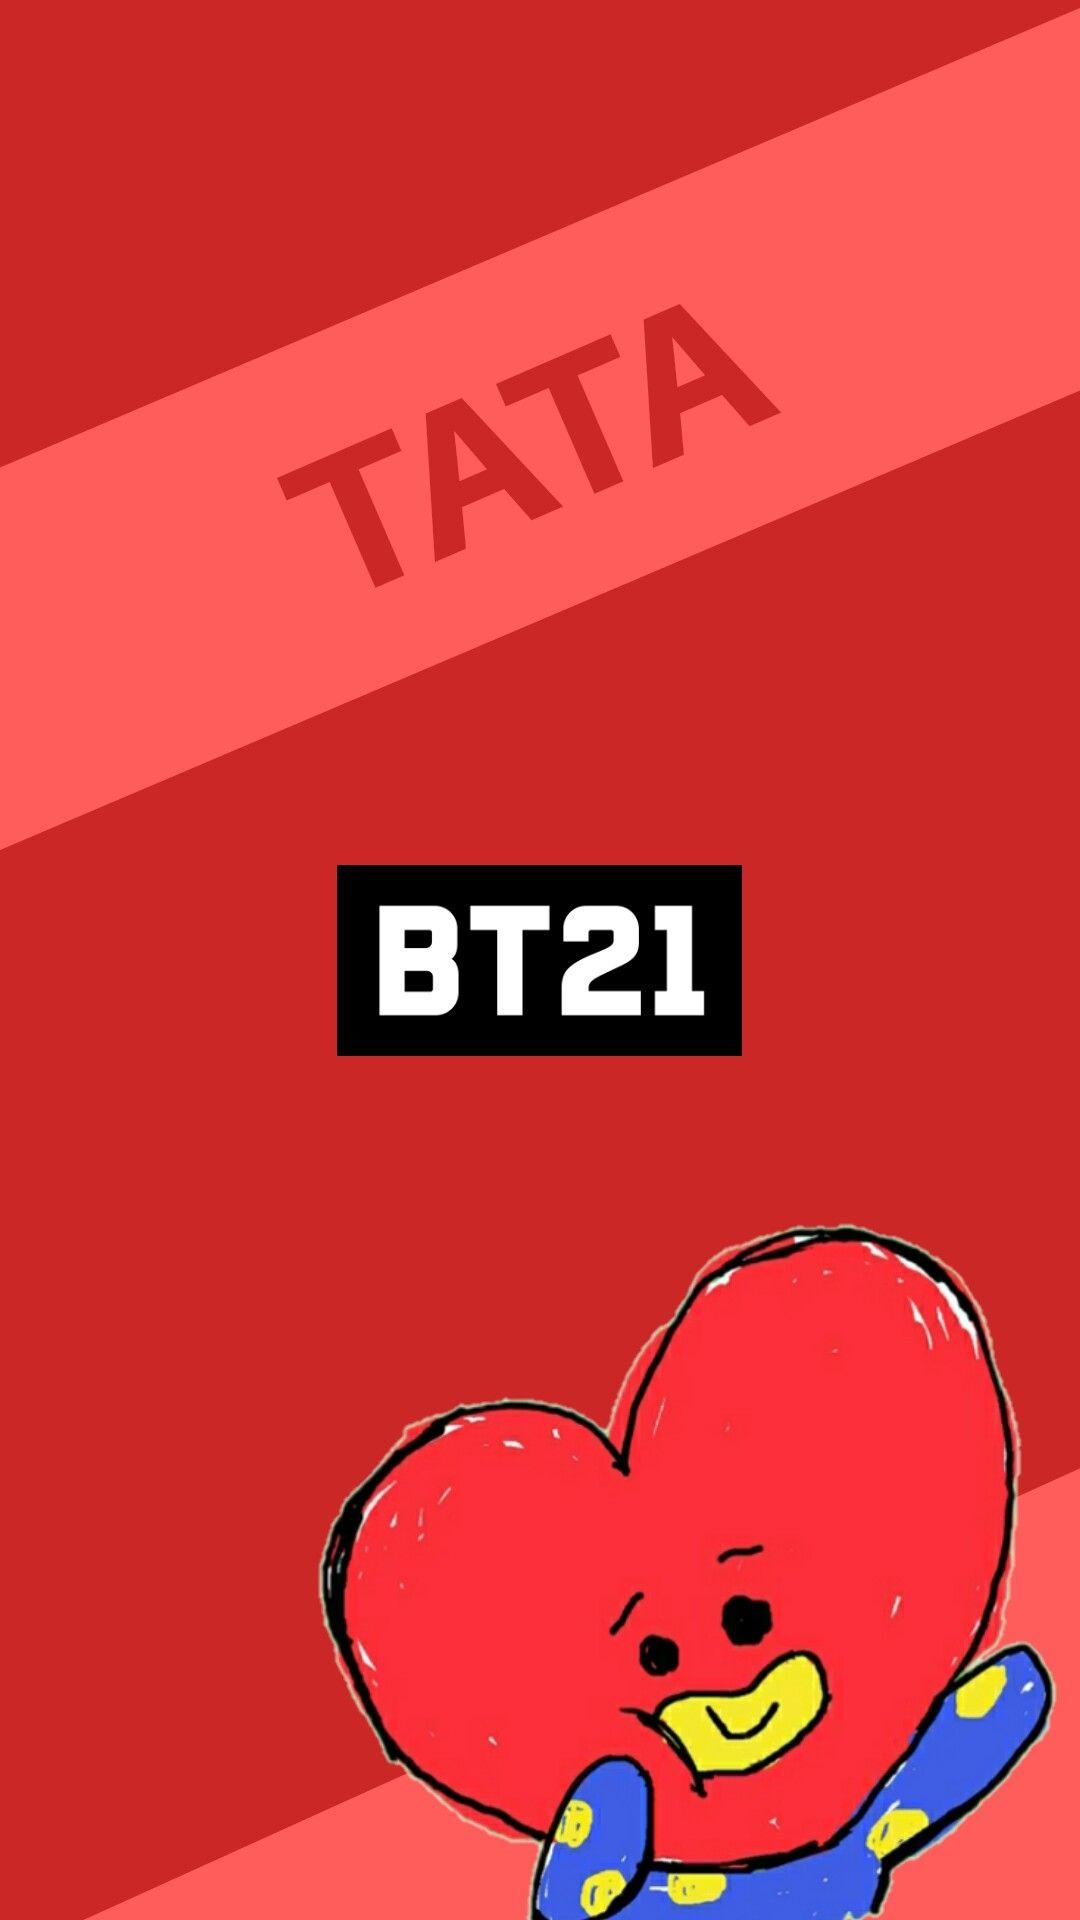 Bt21 Tata Lucu Wallpaper Ponsel Dan Gambar